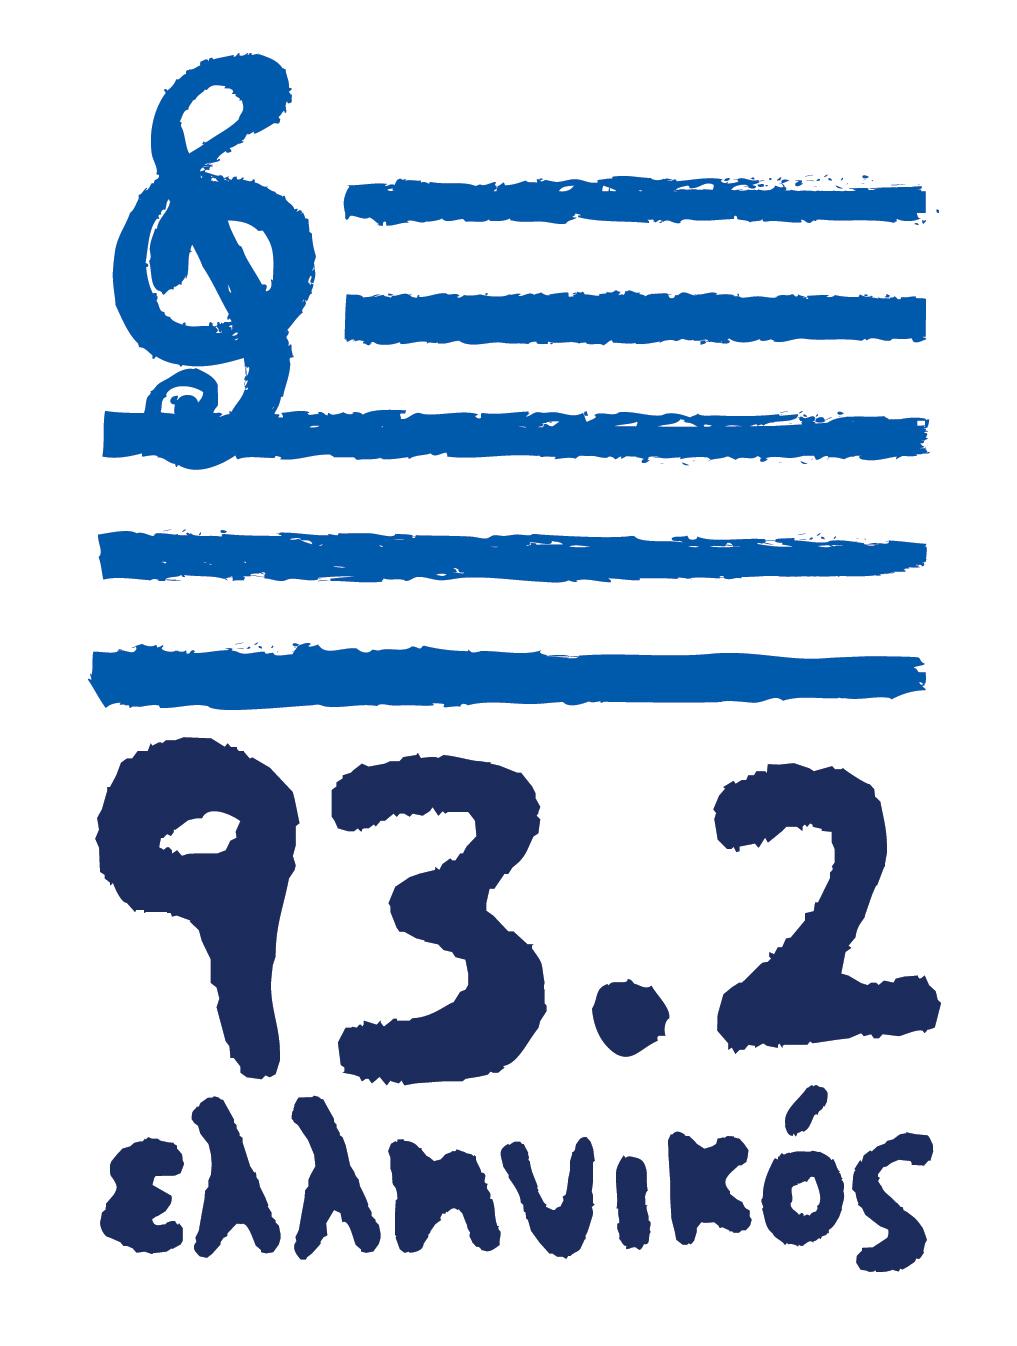 Σχέδιο εξαγοράς του Ελληνικός 93.2